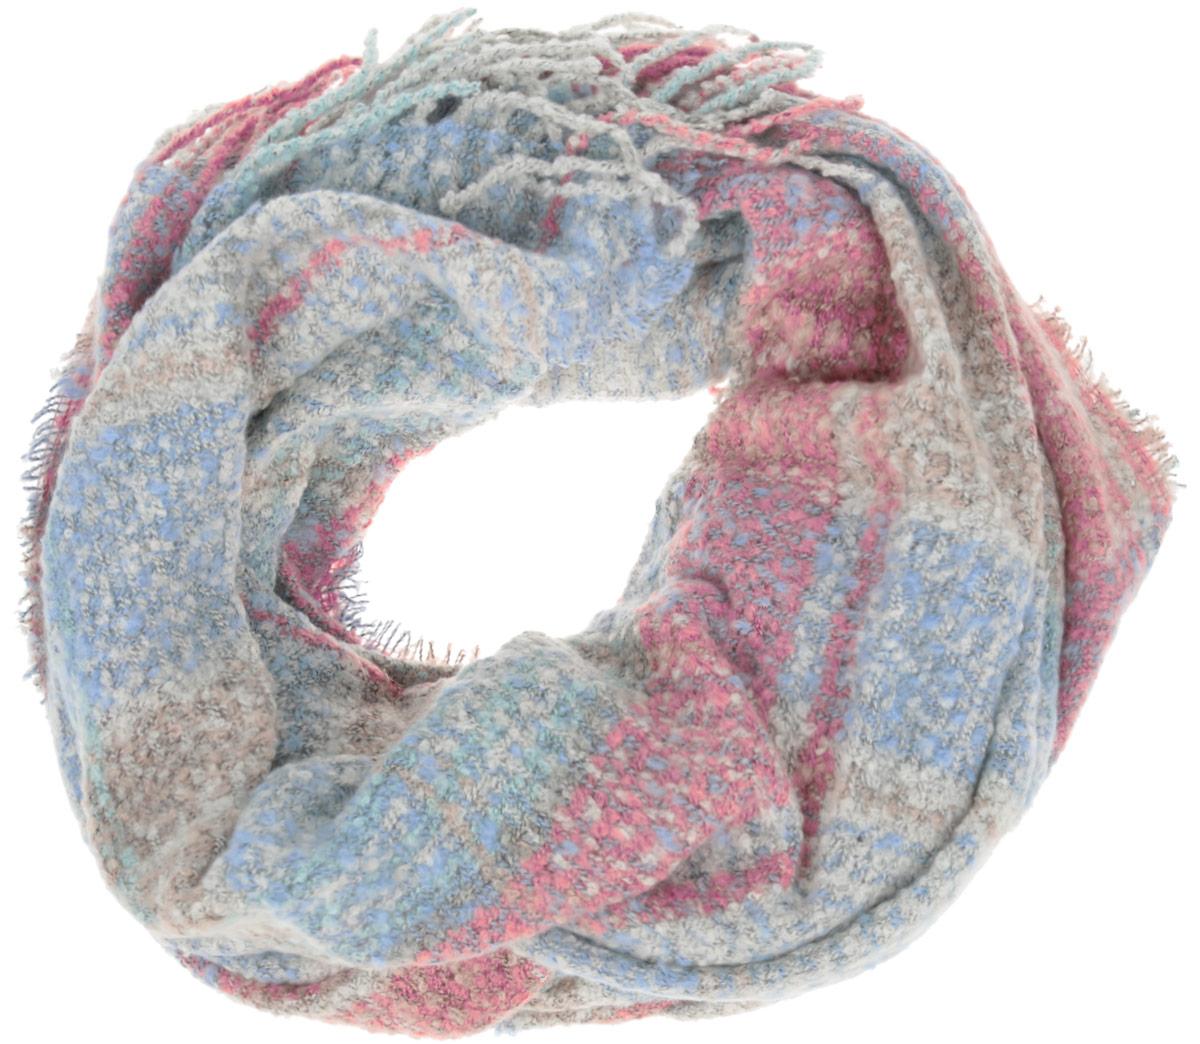 Шарф женский Sela, цвет: мультиколор. SCw-142/465-6404. Размер 180 см x 64 смSCw-142/465-6404Восхитительный женский вязаный шарф Sela - отличная модель для зимней погоды. Выполненный из полиэстера, он прекрасно сохраняет тепло и защищает от холода. Шарф связан оригинальным узором и оформлен декоративными кисточками. Такой аксессуар достойно дополнит ваш гардероб.